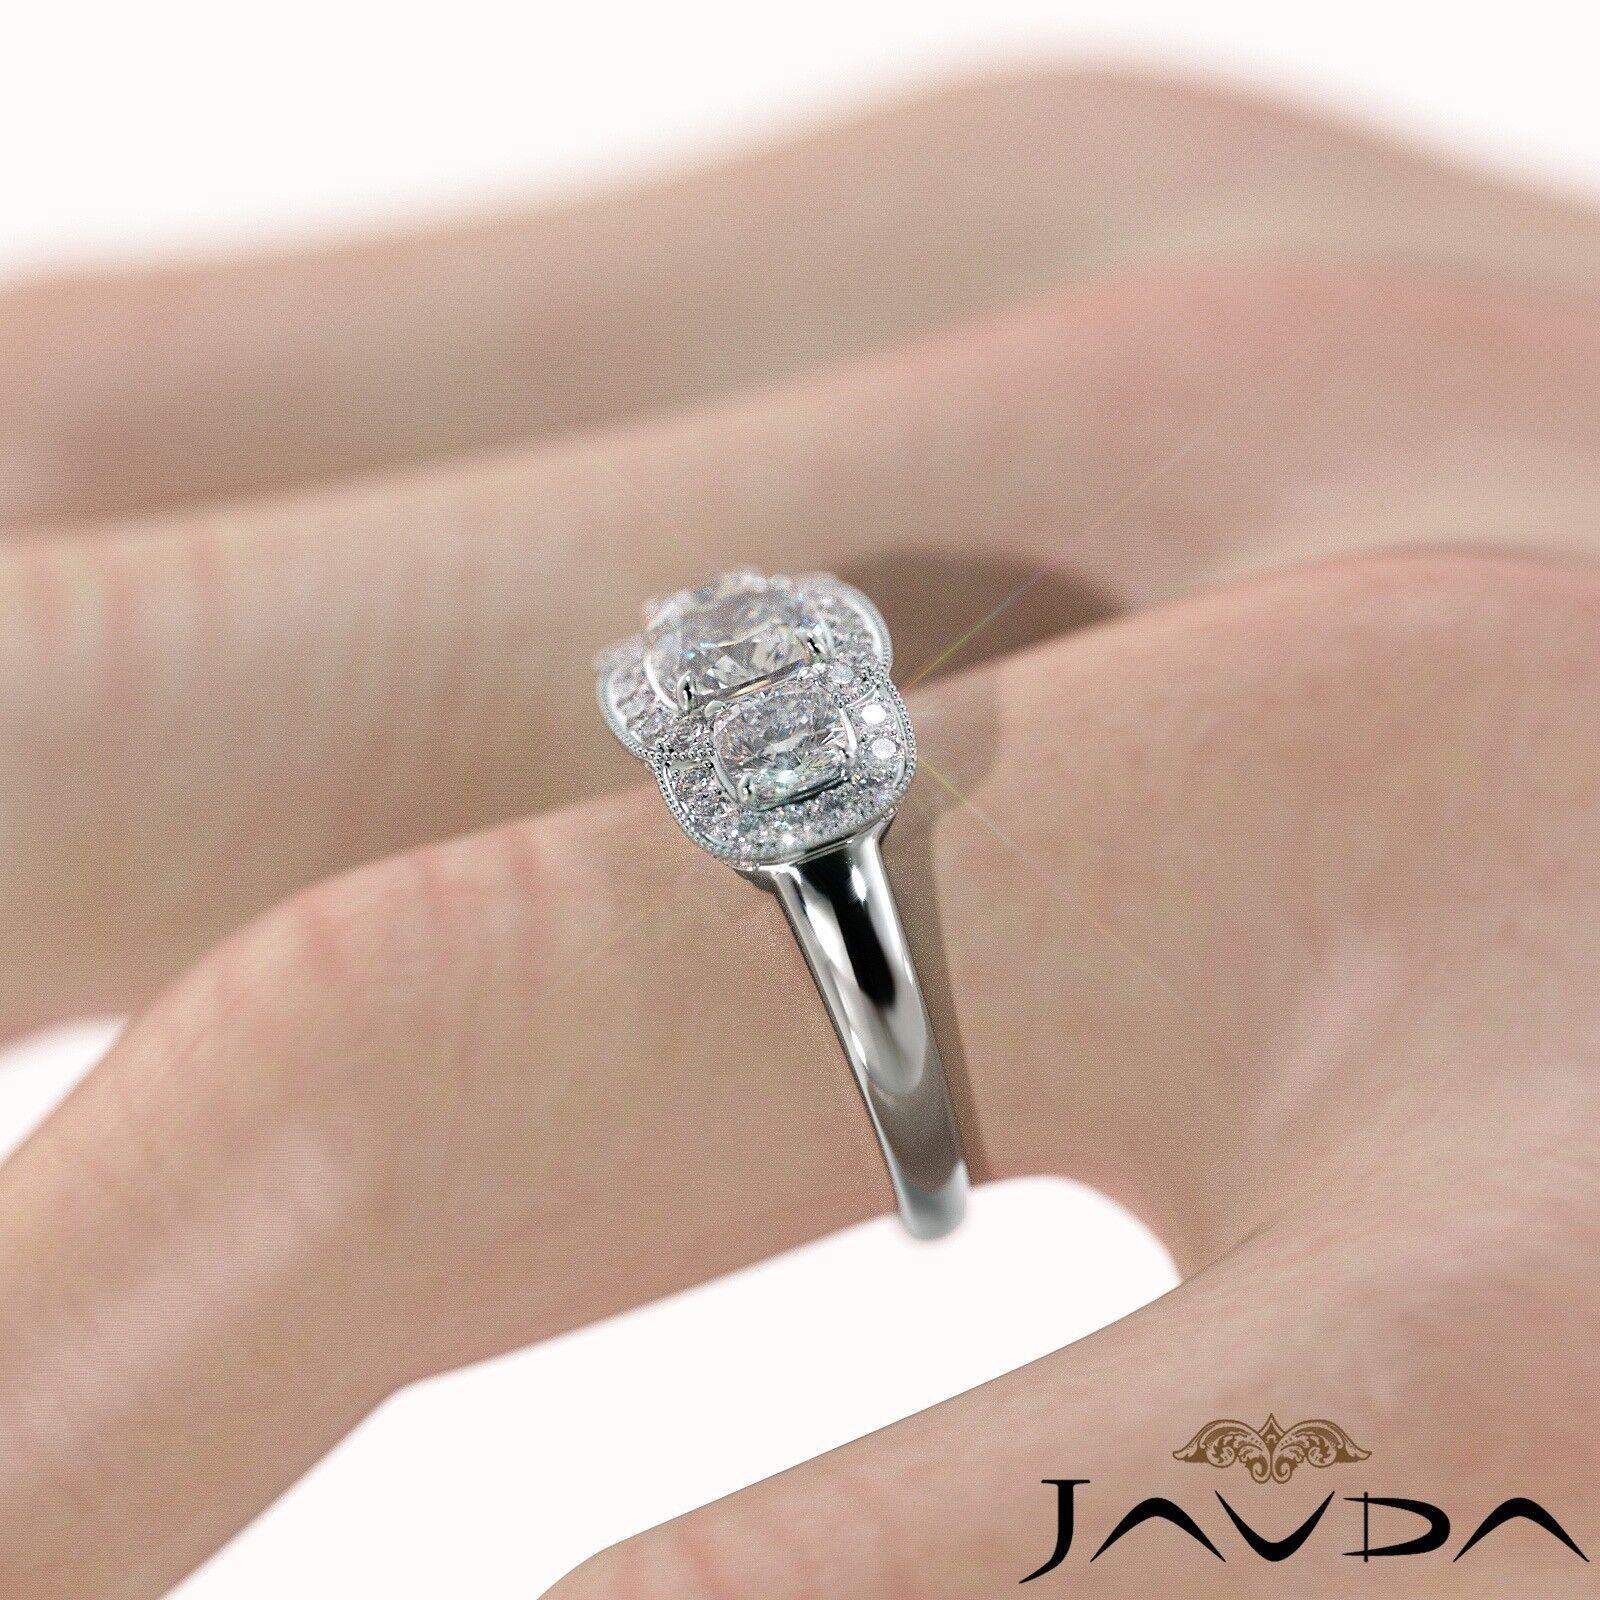 2.25ctw Milgrain Halo 3 Stone Cushion Diamond Engagement Ring GIA I-SI1 W Gold 5